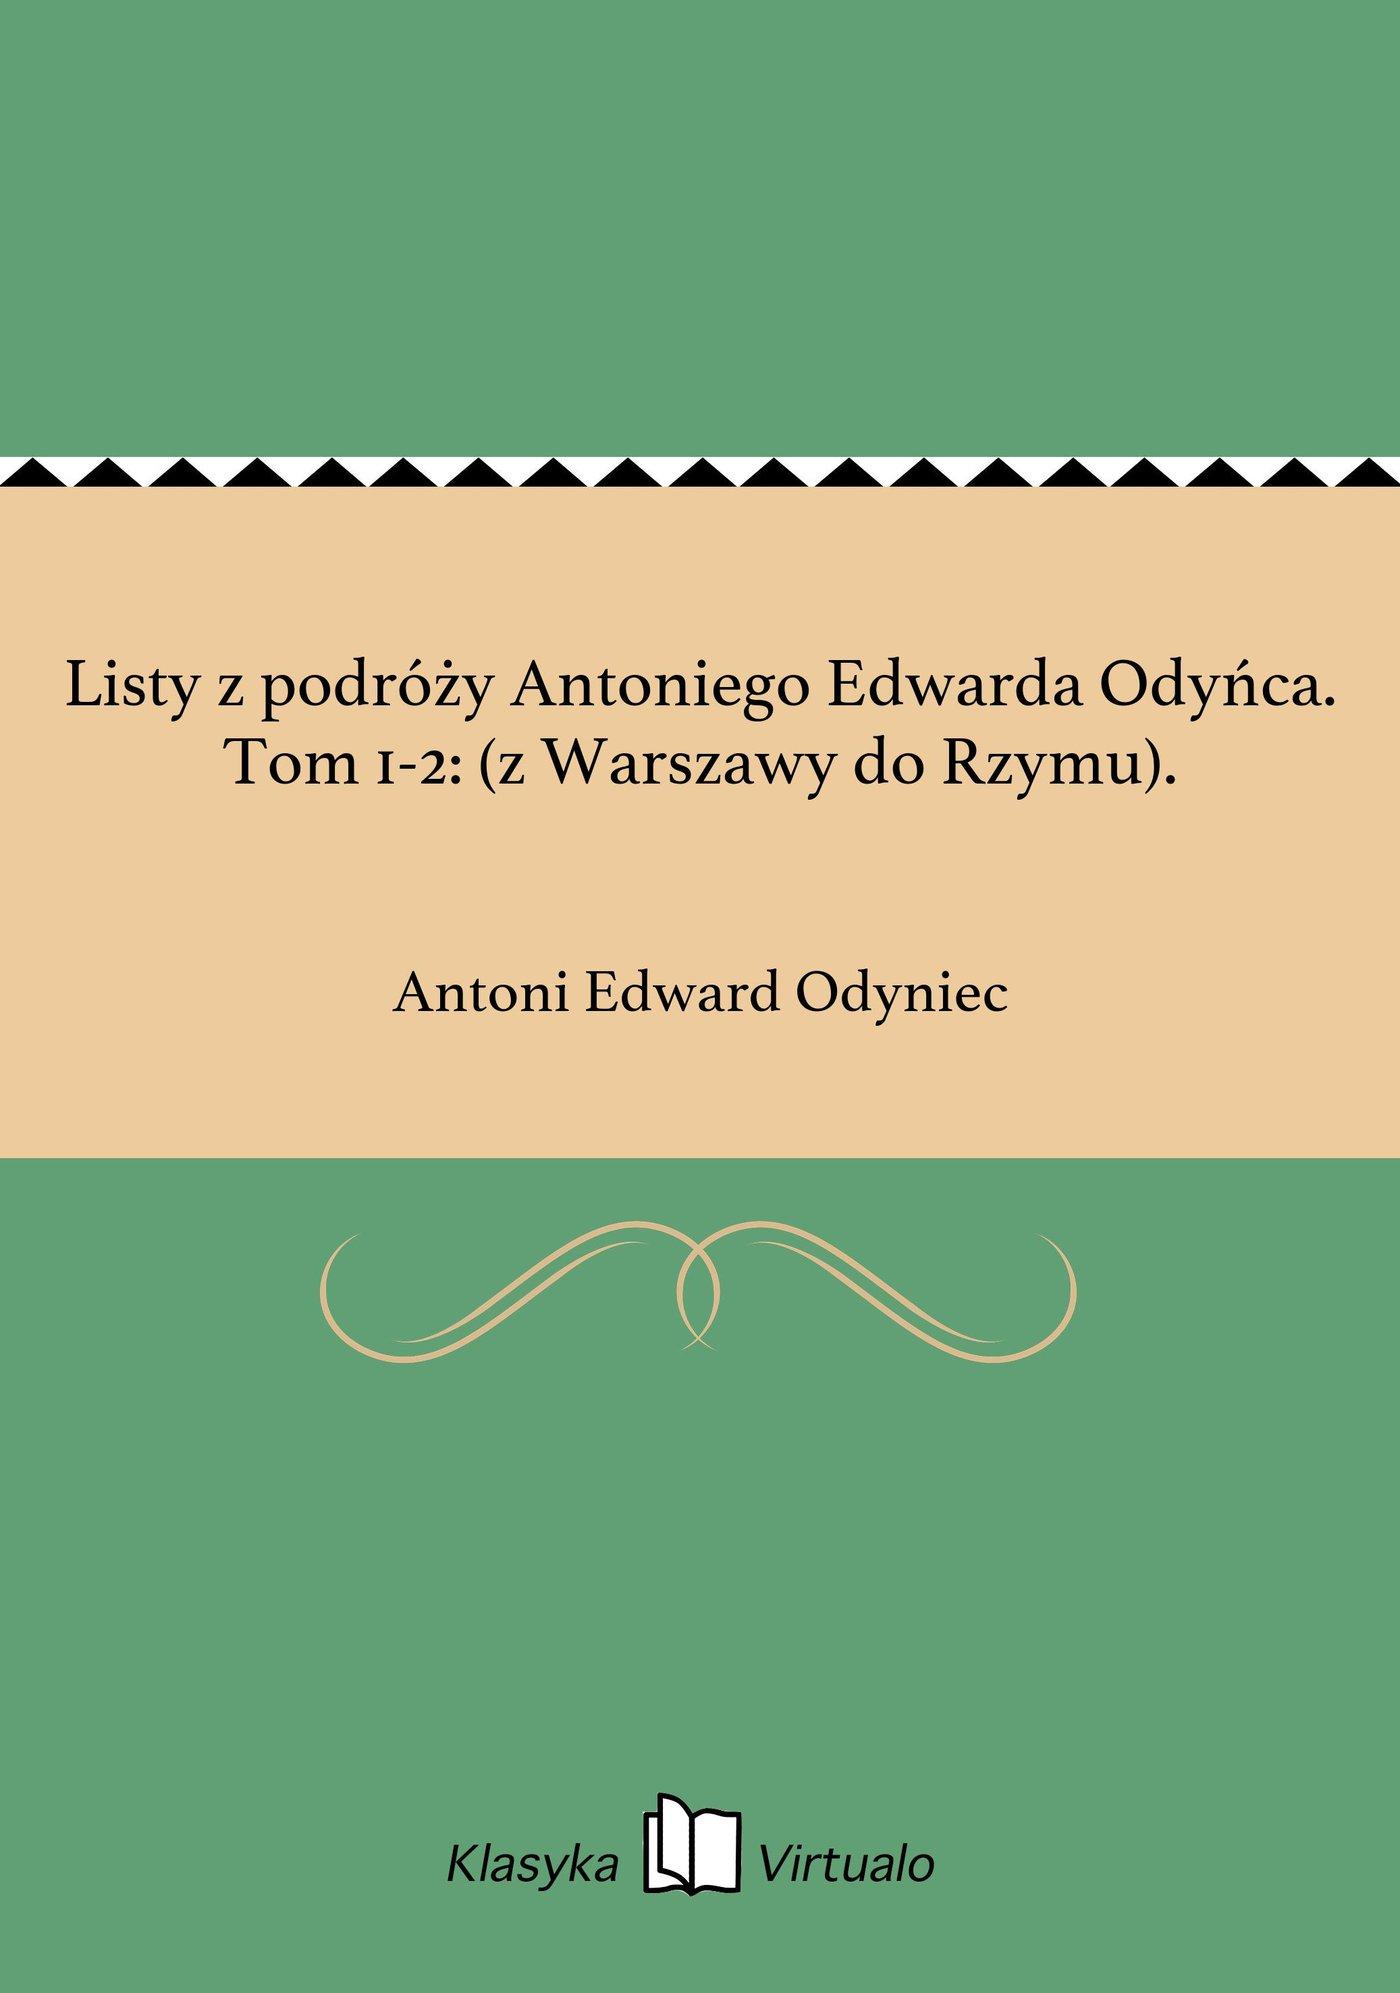 Listy z podróży Antoniego Edwarda Odyńca. Tom 1-2: (z Warszawy do Rzymu). - Ebook (Książka EPUB) do pobrania w formacie EPUB